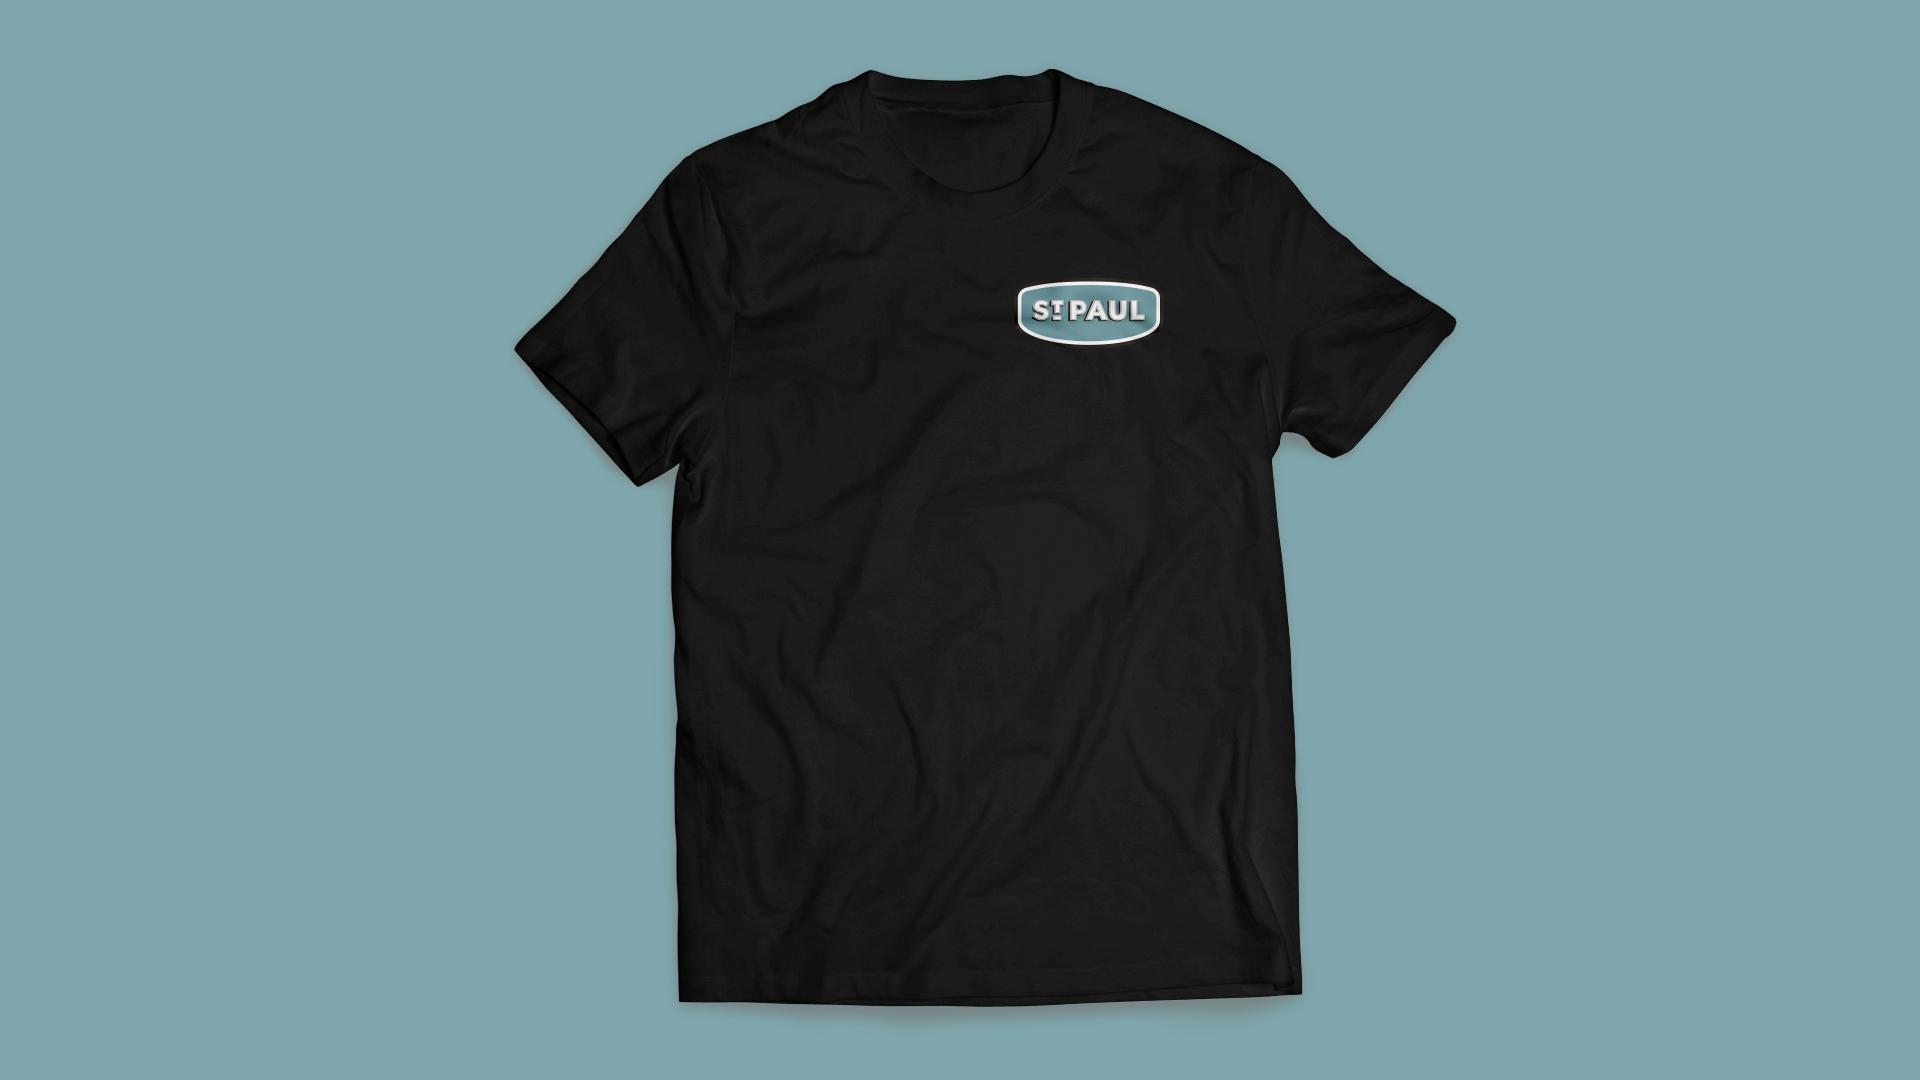 Image of St. Paul, Nebraska branded t-shirt.